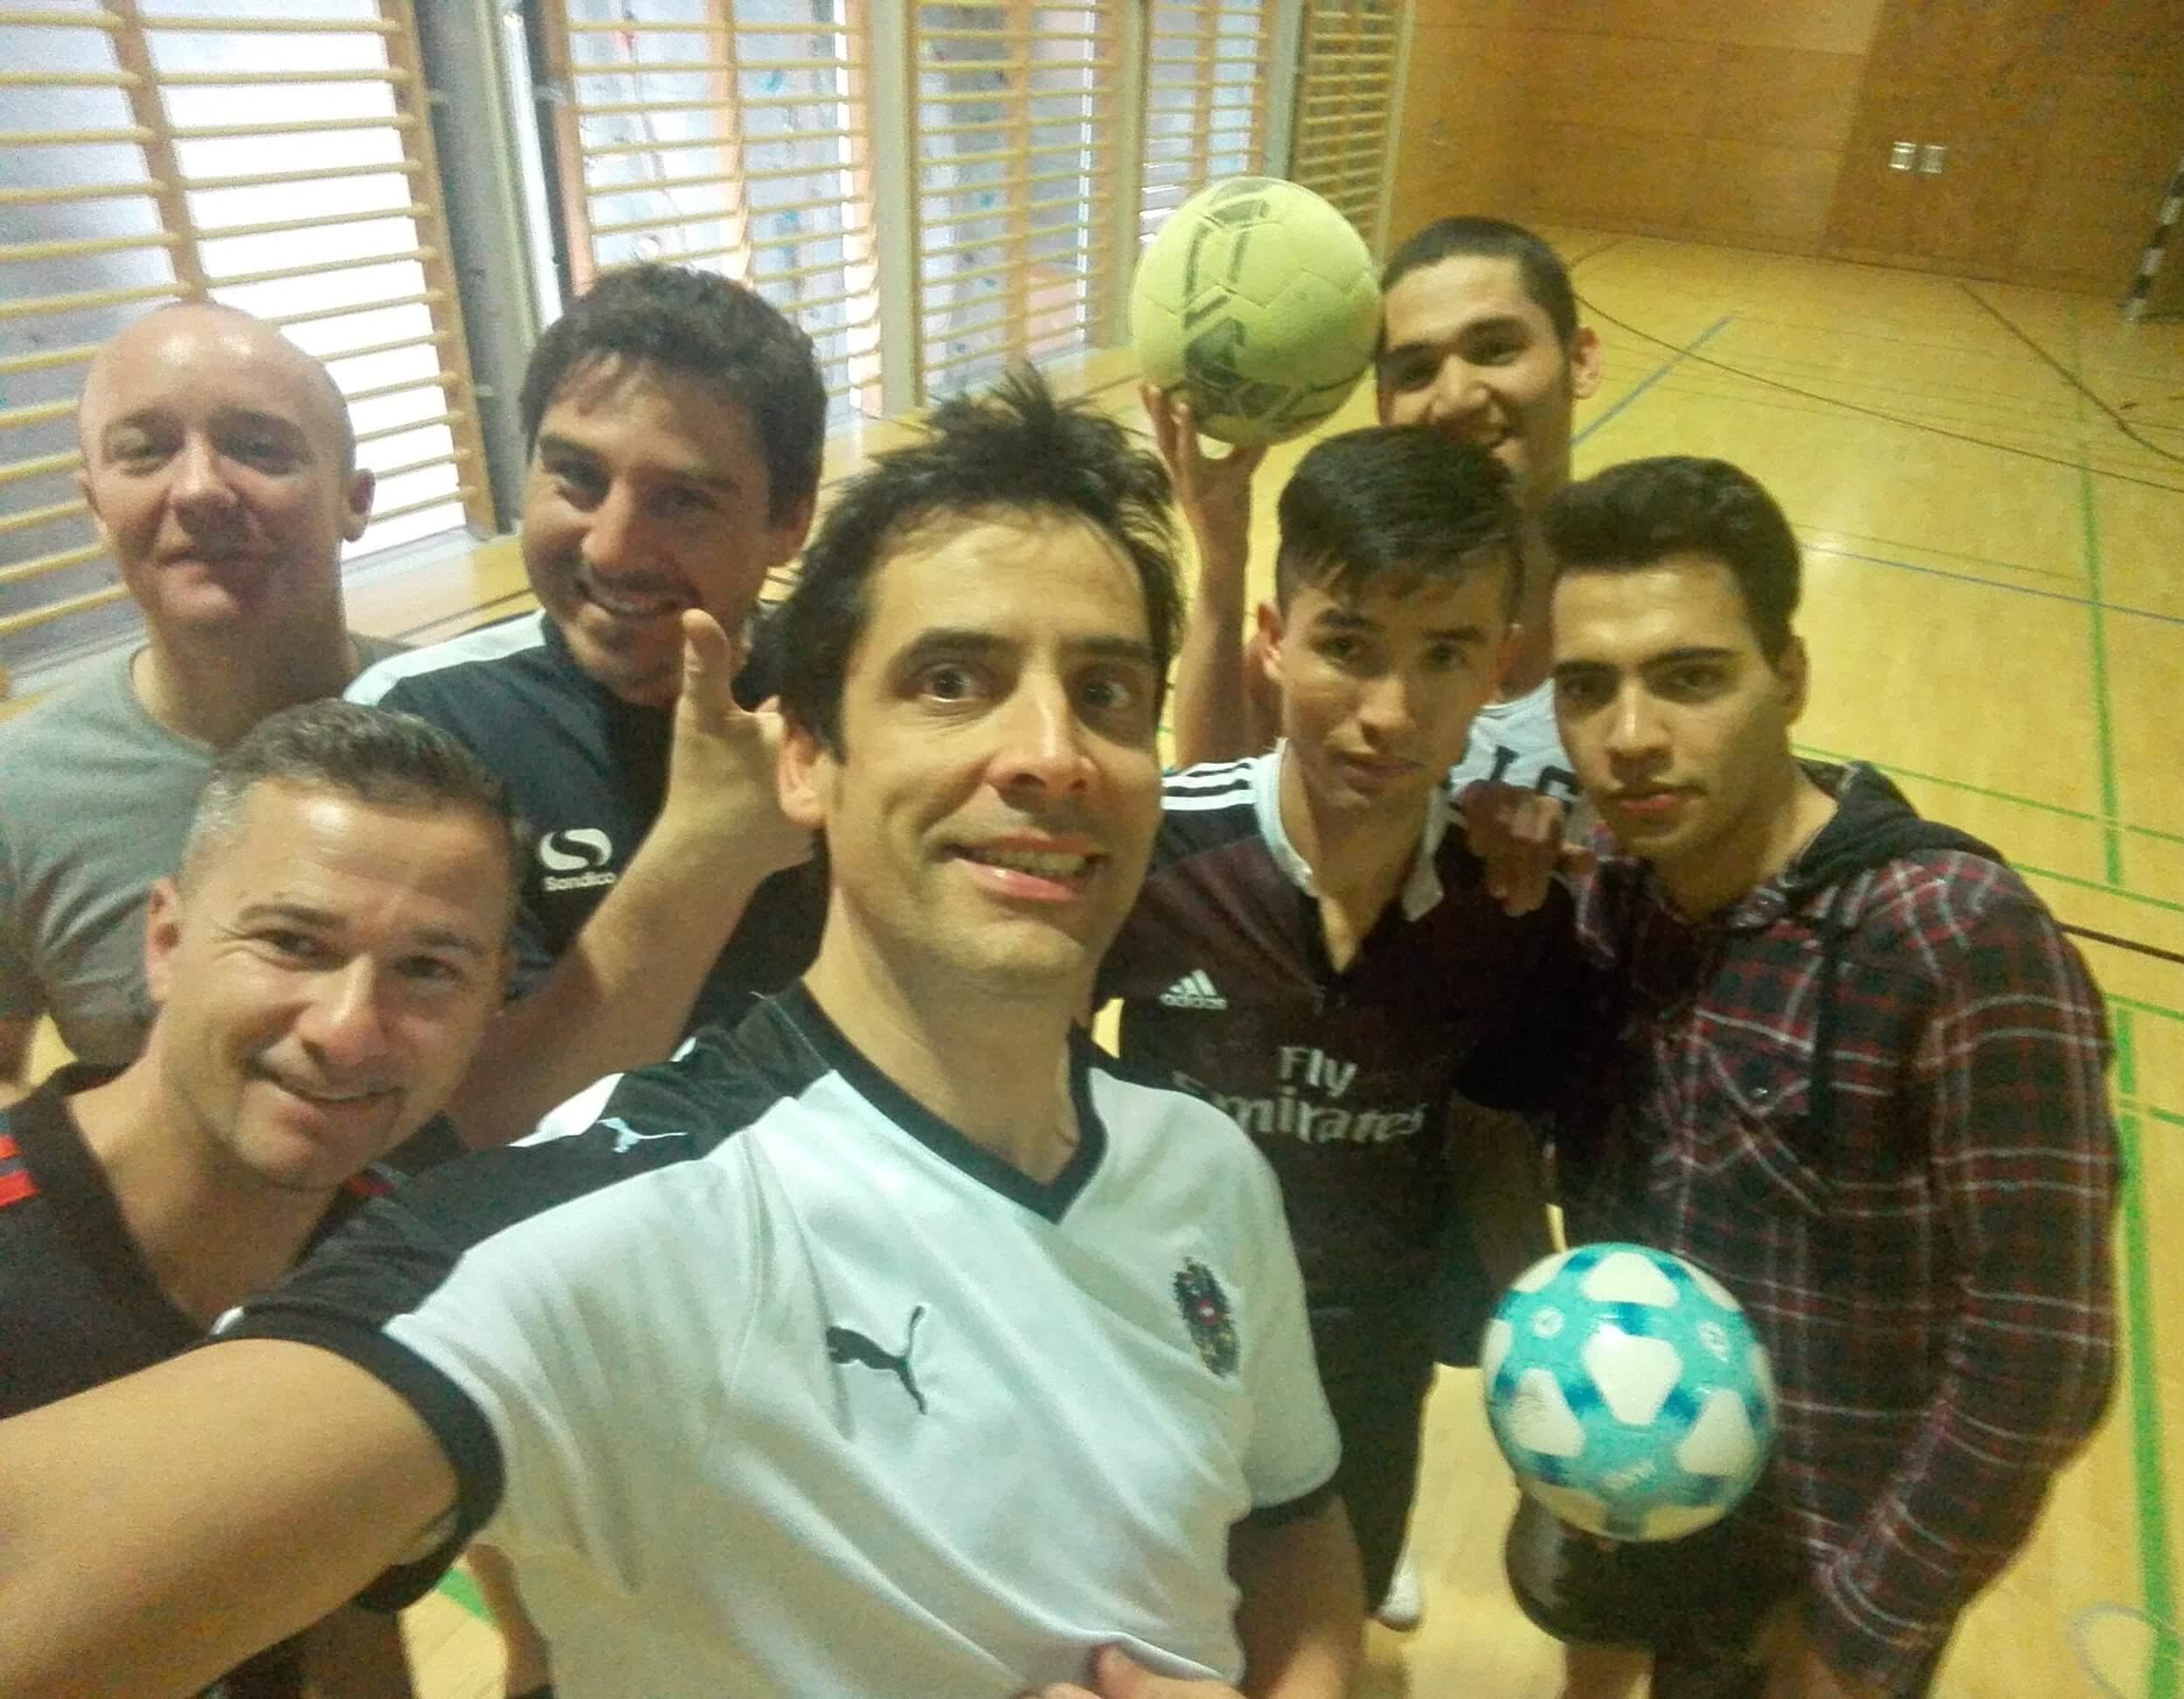 Elf Spieler, ein Team. Sport als Integrationshelfer.